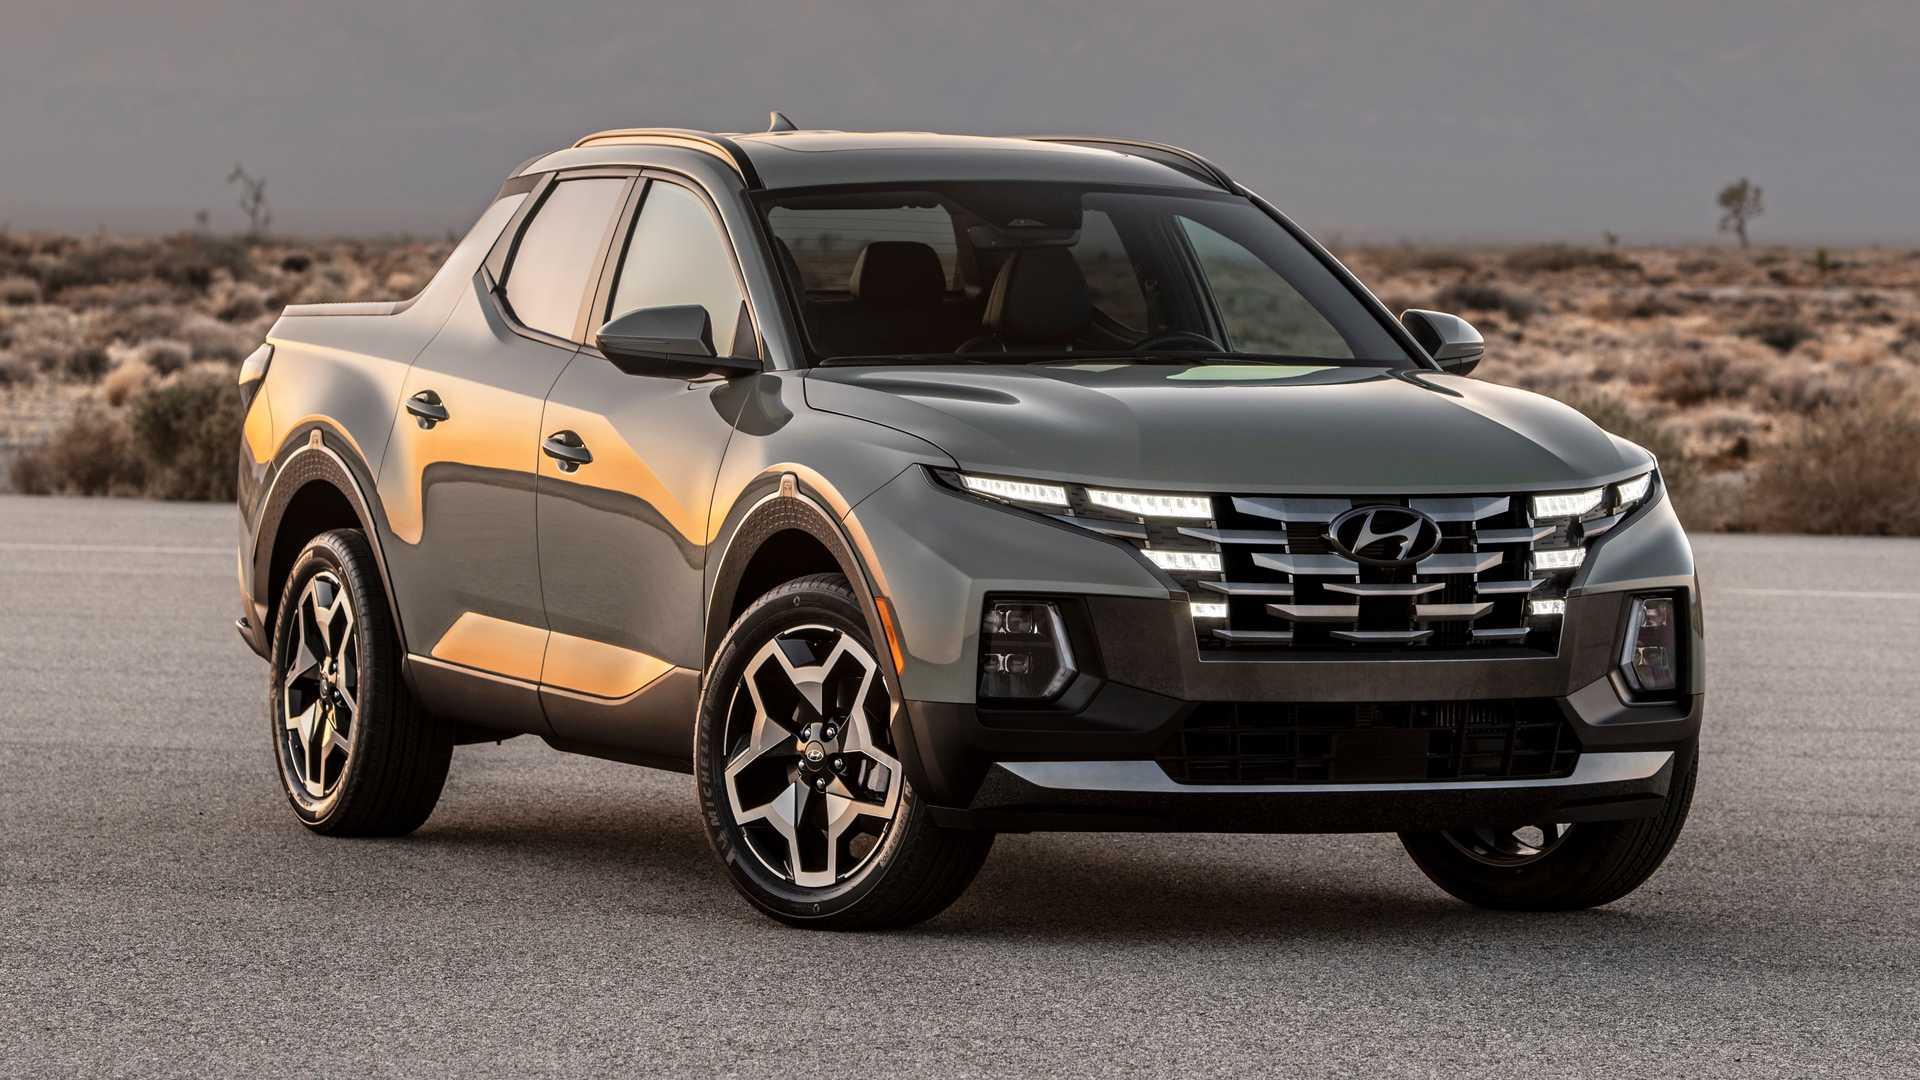 На горизонте 2022 год, а продажи новых автомобилей по-прежнему оставляют желать лучшего. Спрос есть, и он высокий, однако дефицит микрочипов не дает производителям, что называется, пуститься во все тяжкие. Впрочем, даже в такой ситуации есть лидеры продаж. В июле быстрее всех до покупателей доходил Chevy Corvette, а в августе его перещеголял Hyundai Santa Cruz.